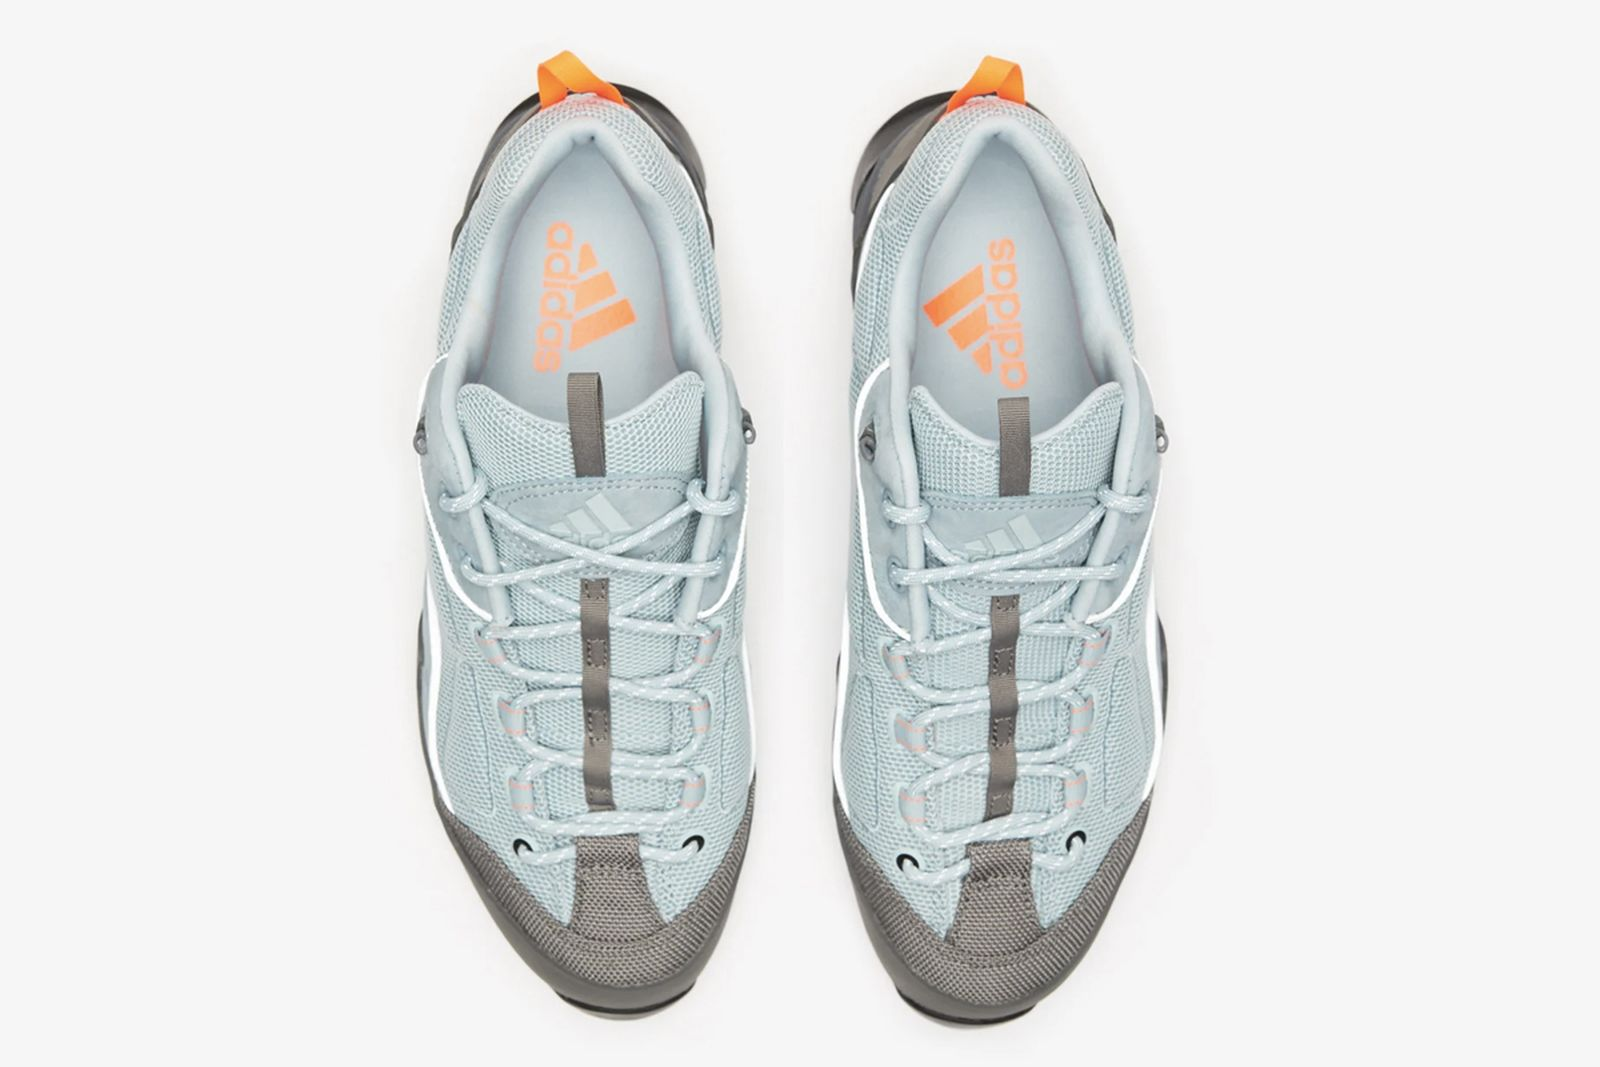 adidas-consortium-sahalex-release-date-price-04